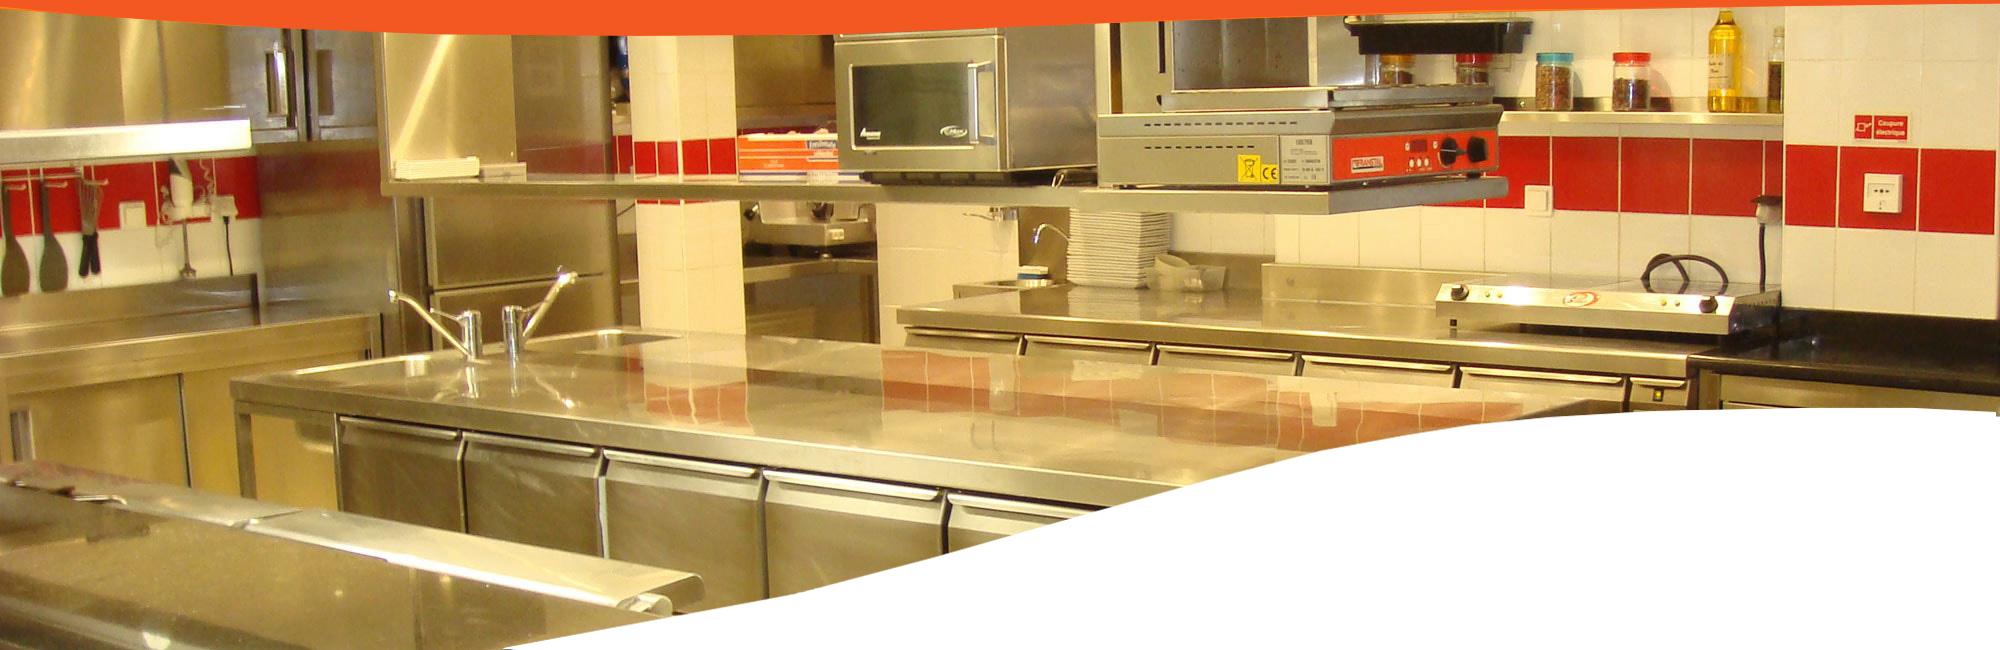 Sajemat cuisine professionnelle la motte servolex 73 for Installation cuisine